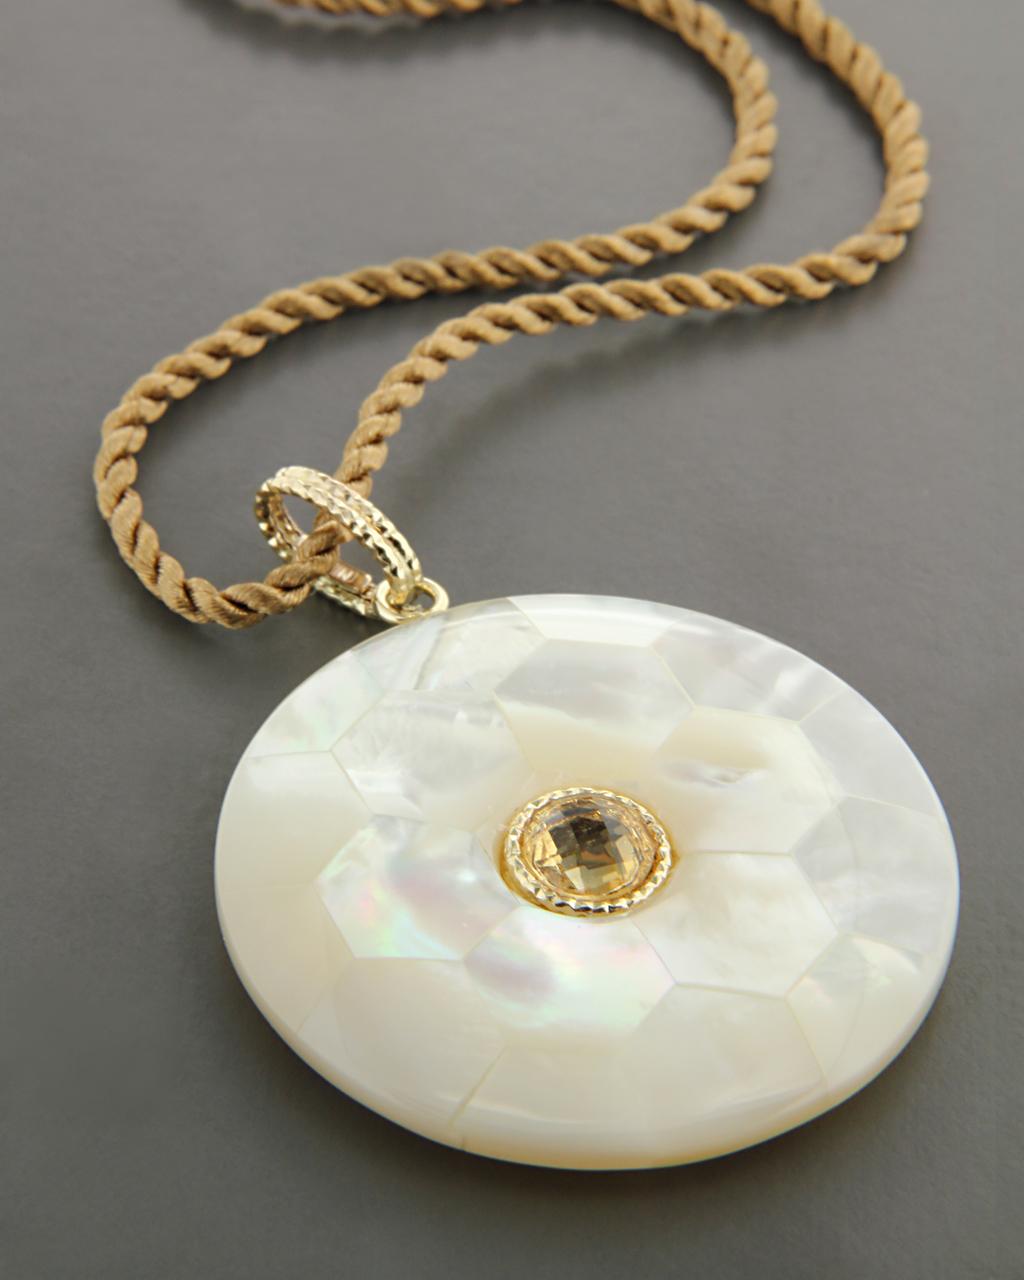 Κρεμαστό χρυσό Κ14 με Φίλντισι & Τοπάζι   ζησε το μυθο δώρα κουμπάρου κουμπαρα